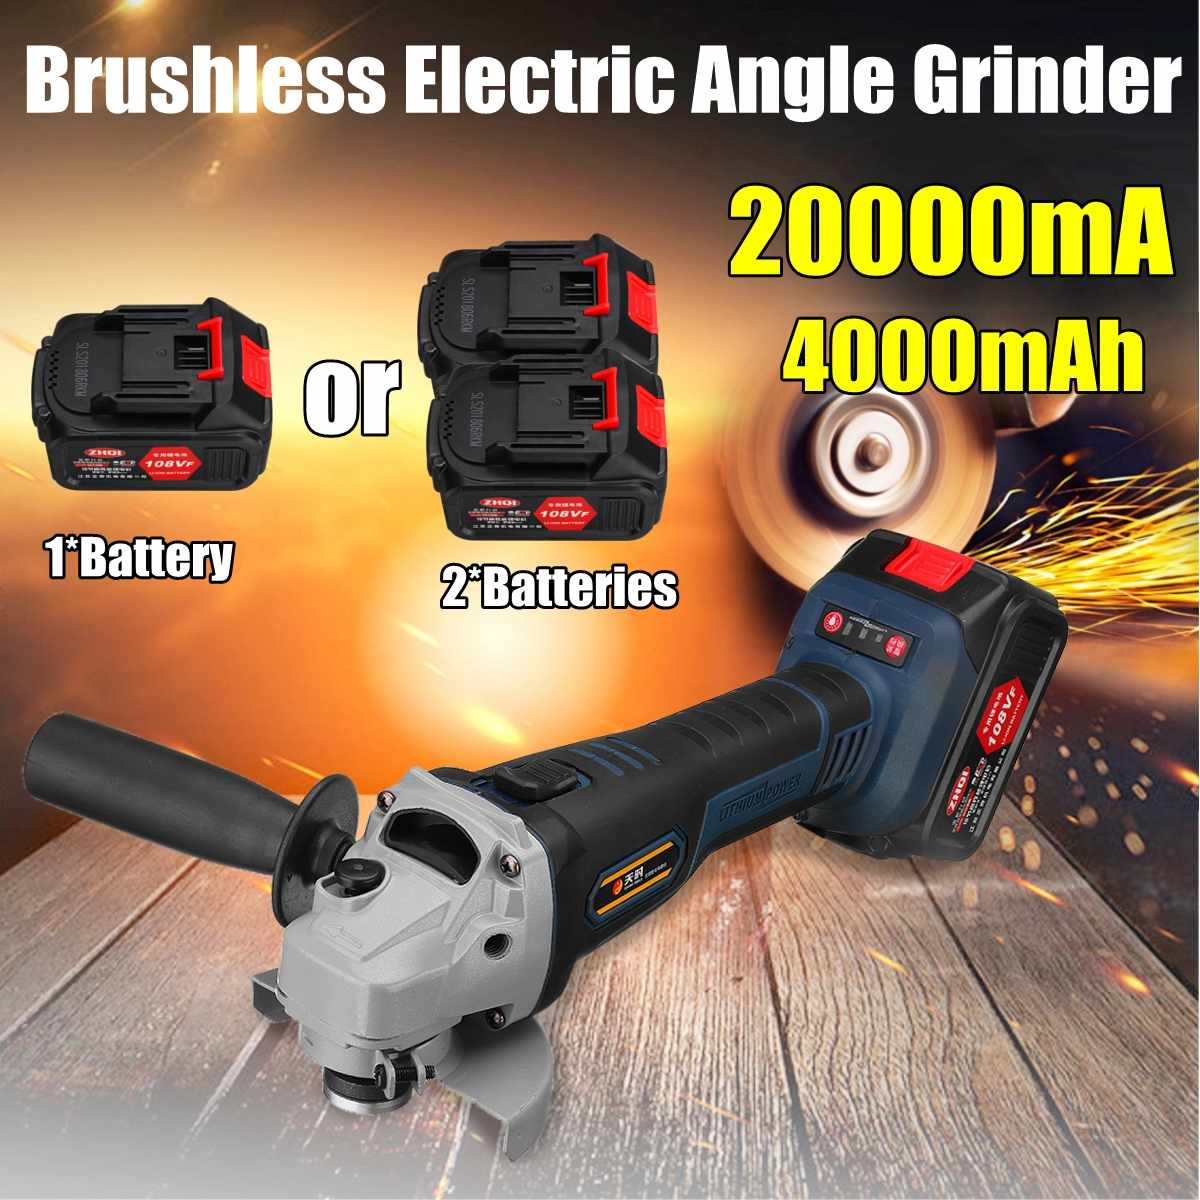 108VF 4000 мАч 20000mA беспроводной электрический угловой шлифовальный станок 110 В ~ 220 машина с 2 батарея WrenchTool